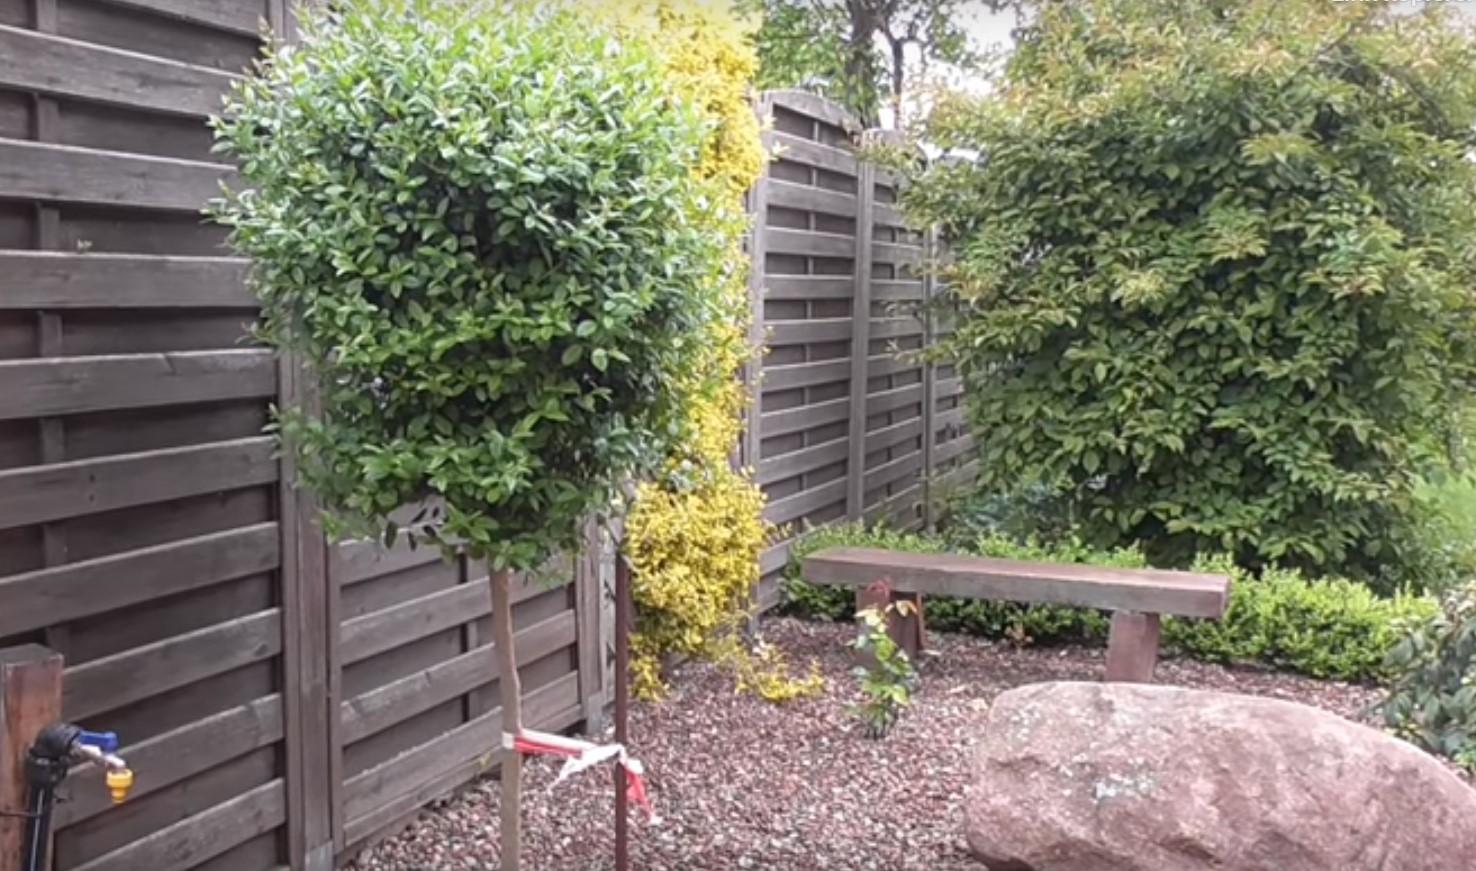 Immergrune Hecken Pflanzen Fur Den Garten Und Als Sichtschutz